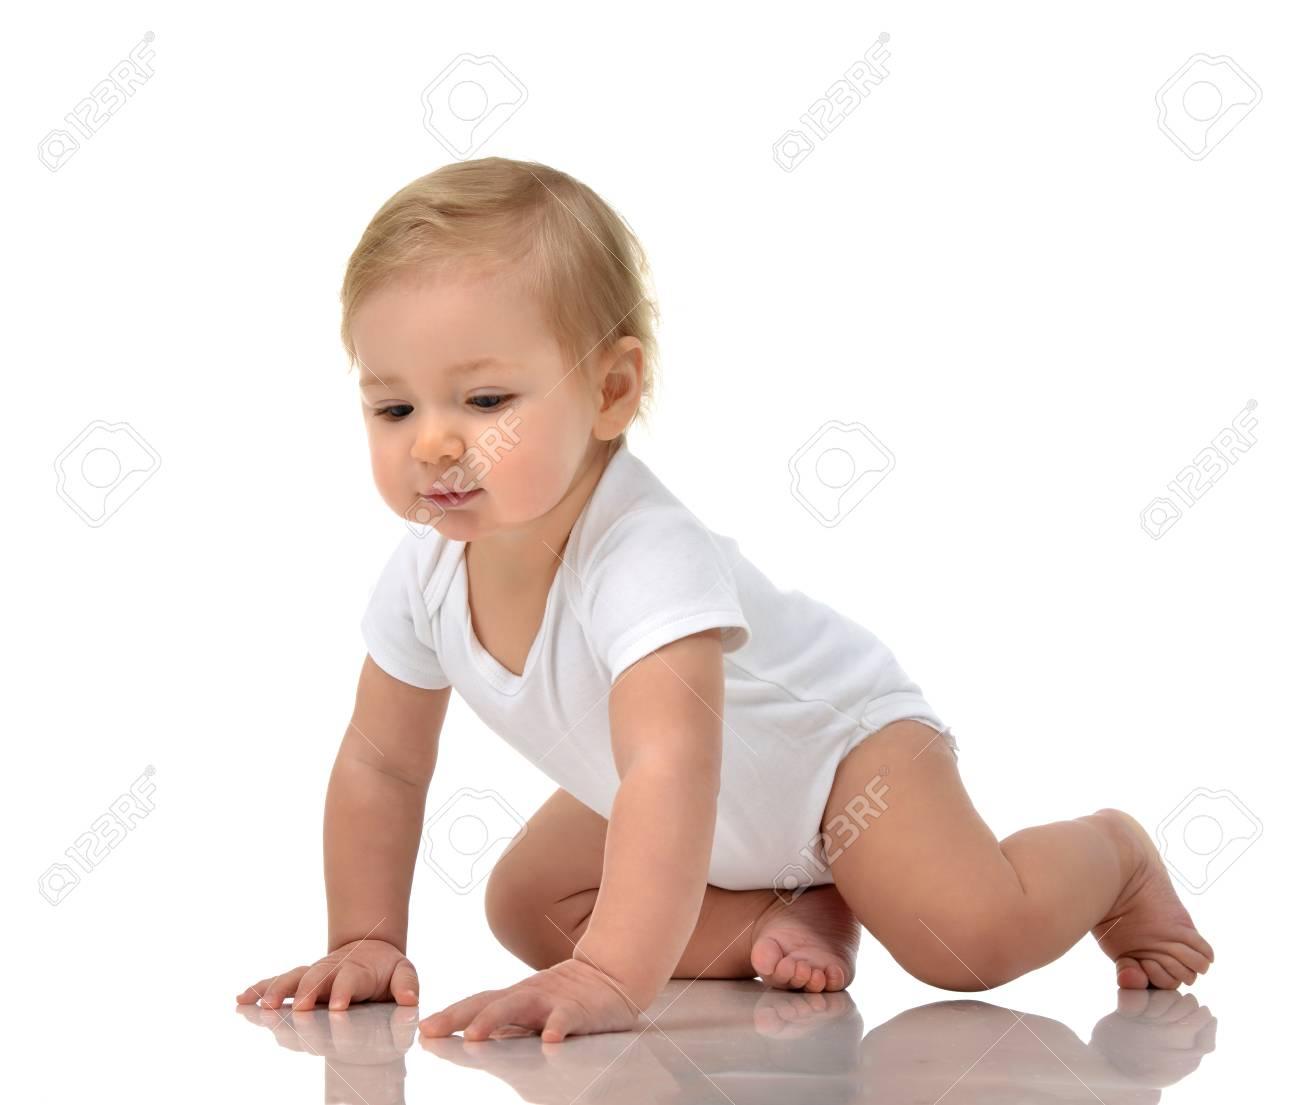 03f465d756543 Infant enfant bébé enfant en bas âge ramper heureux isolé sur un fond blanc  Banque d